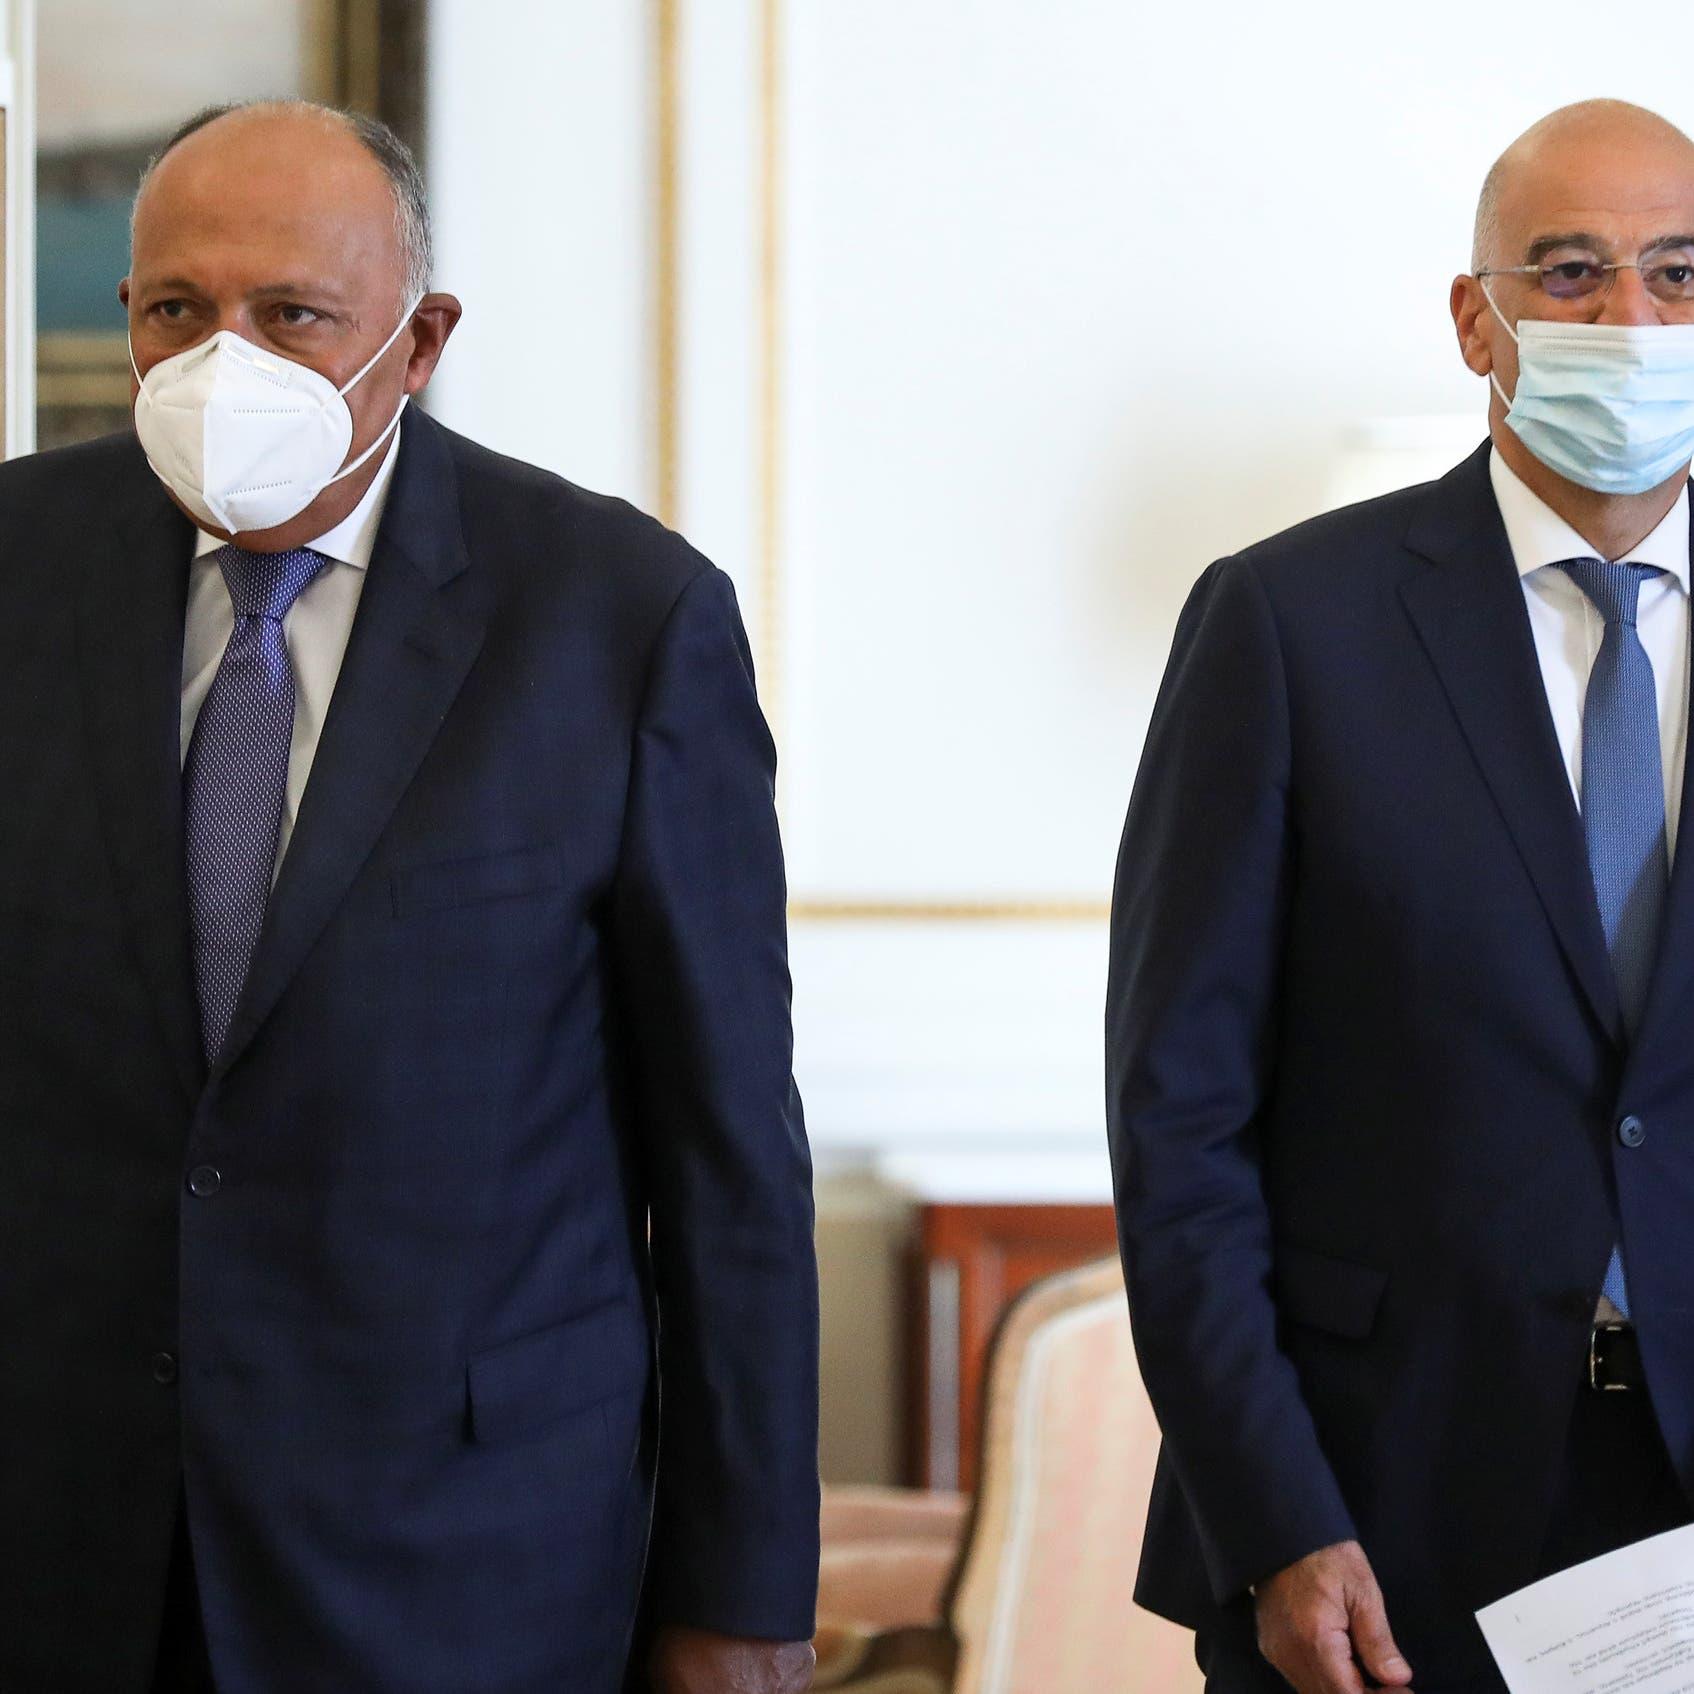 مصر واليونان: نرفض أي تصرفات استفزازية في شرق المتوسط